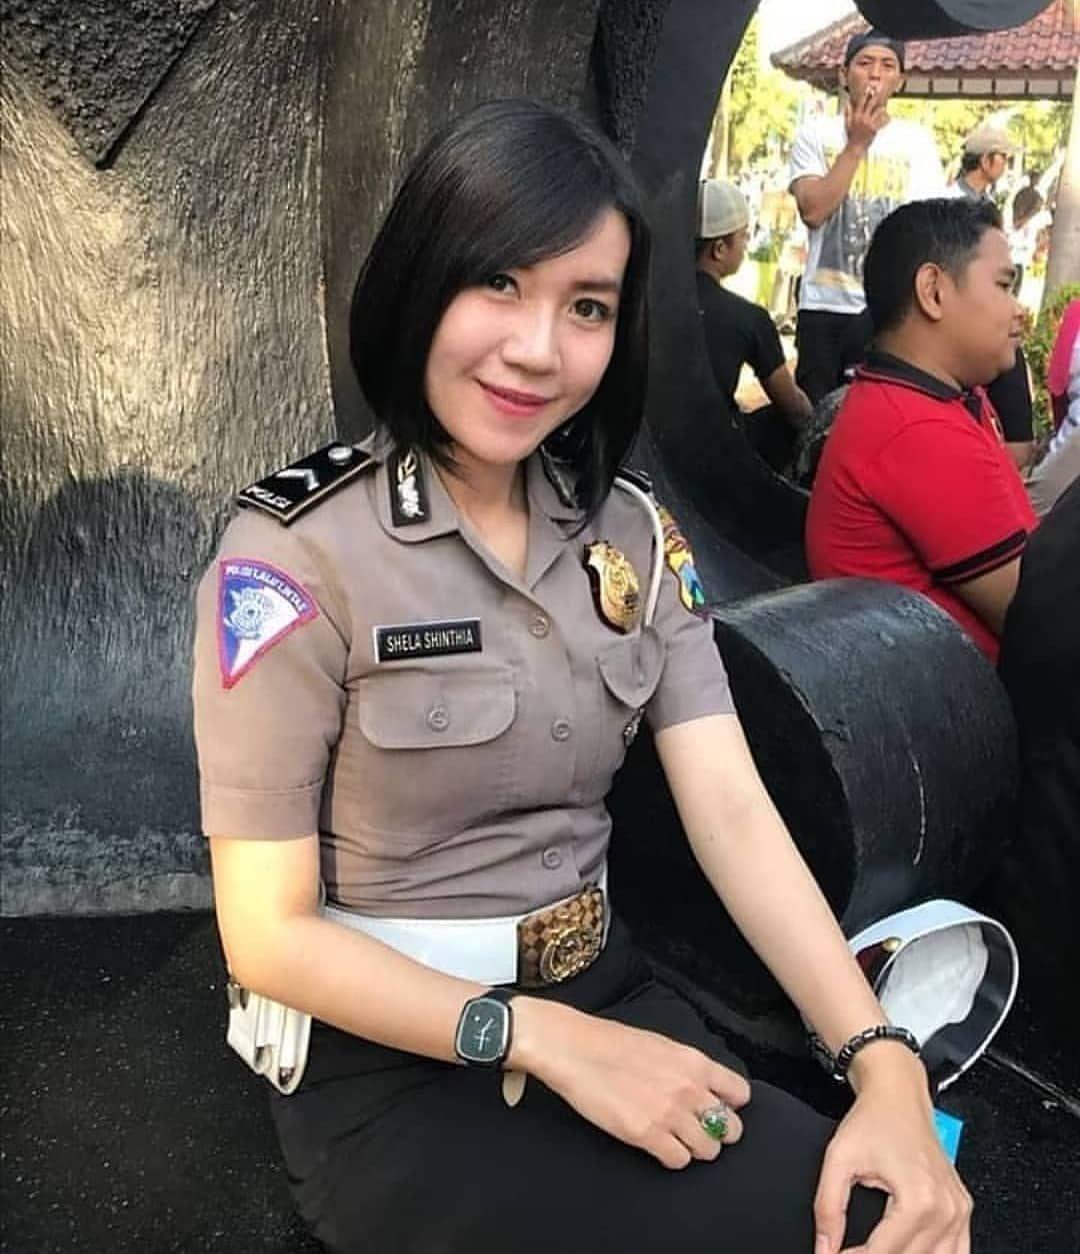 Pin Oleh Iswanto Iswanto Di Polwan Tni Cantik Indonesia Prajurit Wanita Wanita Instagram